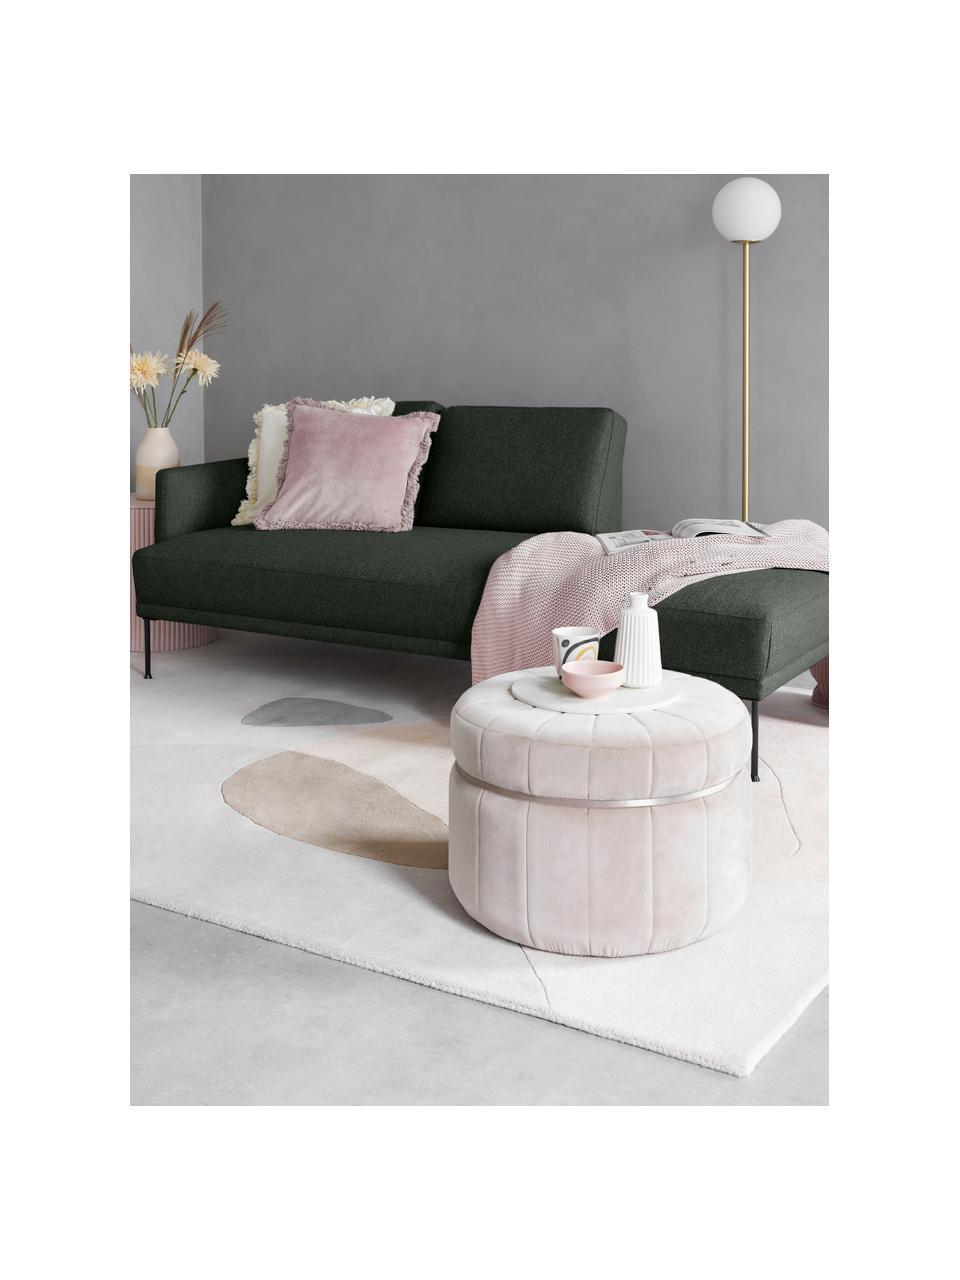 Chaise longue Fluente in donkergroen met metalen poten, Bekleding: 100% polyester, Frame: massief grenenhout, Poten: gepoedercoat metaal, Geweven stof donkergroen, B 202 x D 85 cm